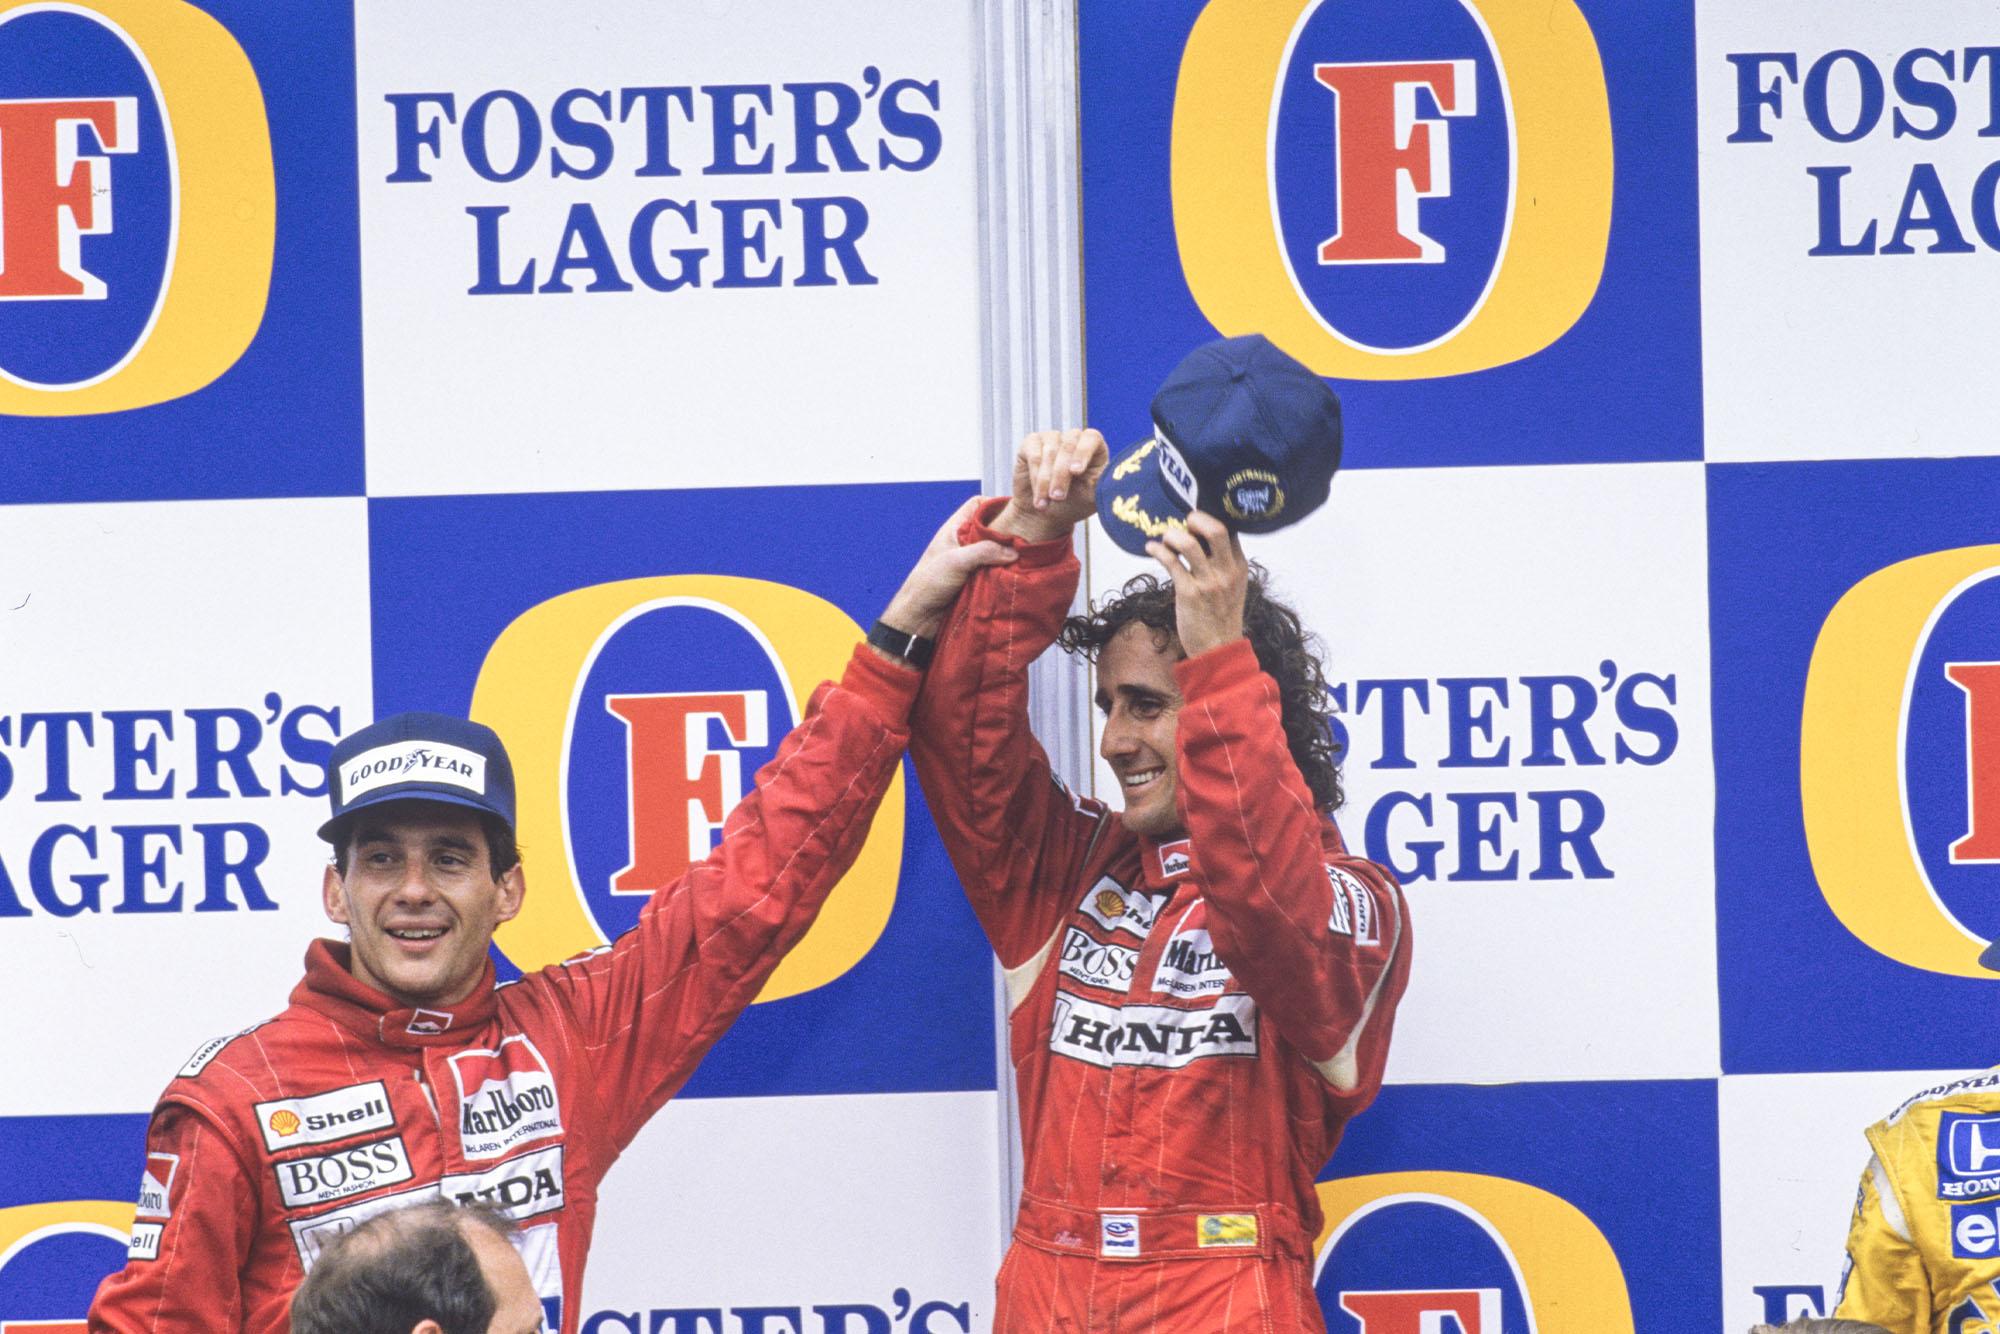 1988 AUS GP podium